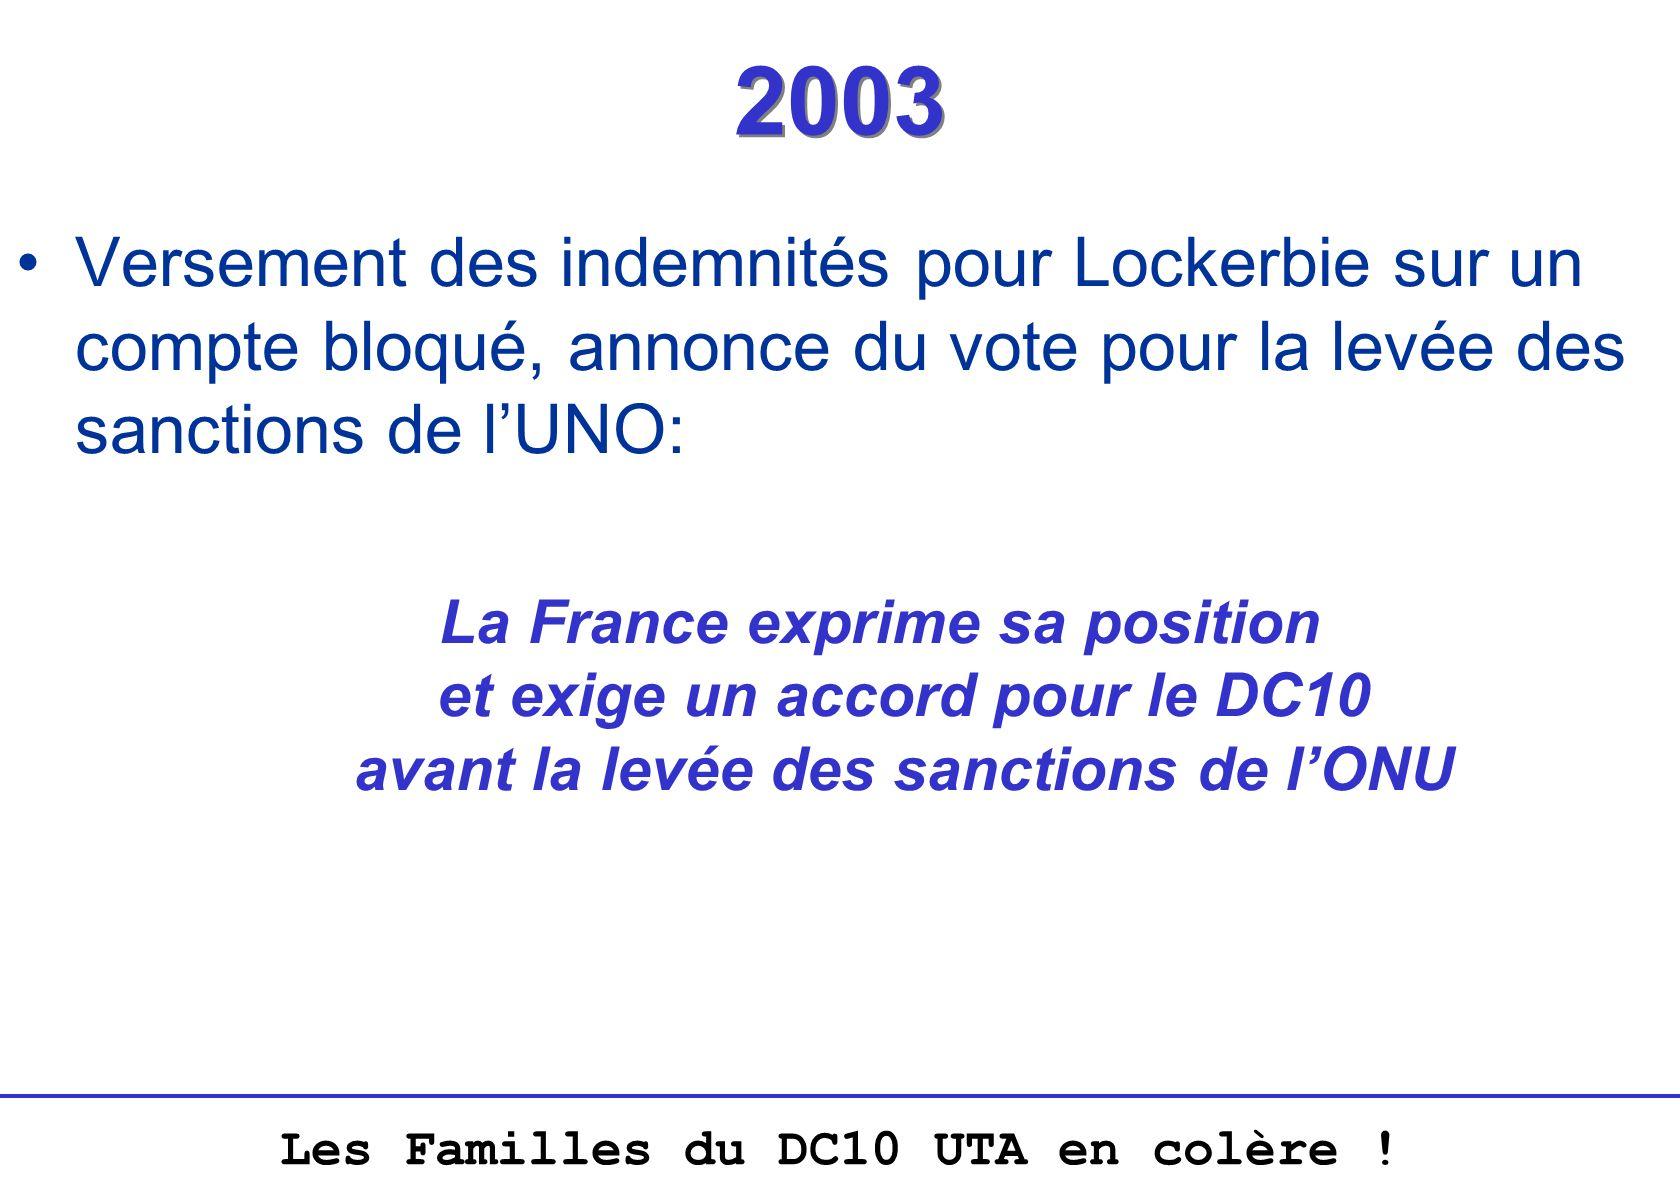 2003 Versement des indemnités pour Lockerbie sur un compte bloqué, annonce du vote pour la levée des sanctions de l'UNO: